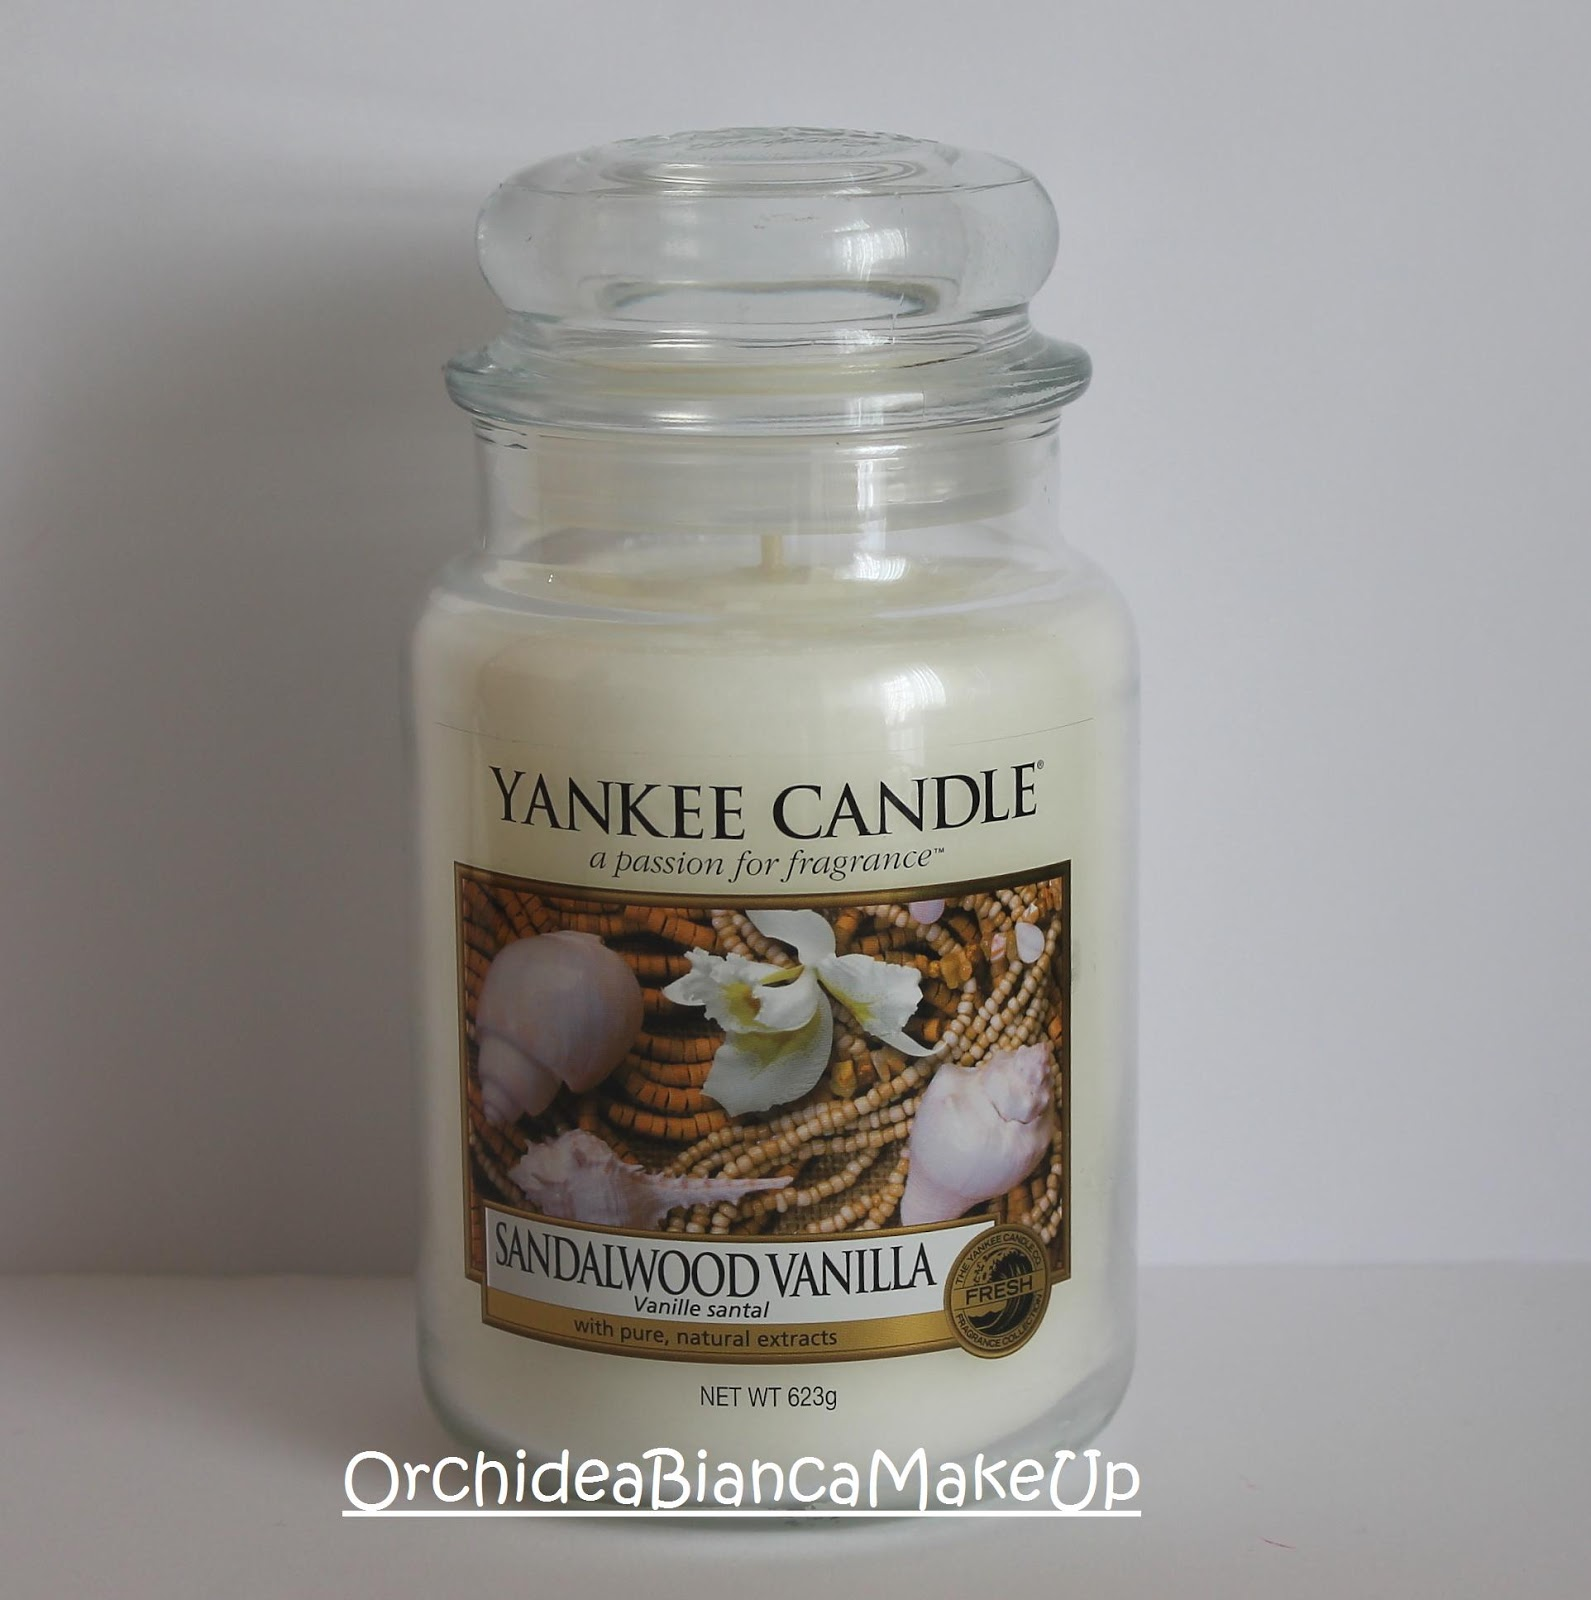 Il Tempo Ritrovato Il Grande Gatsby Un Meraviglioso: Orchidea Bianca Make Up: Yankee Candle